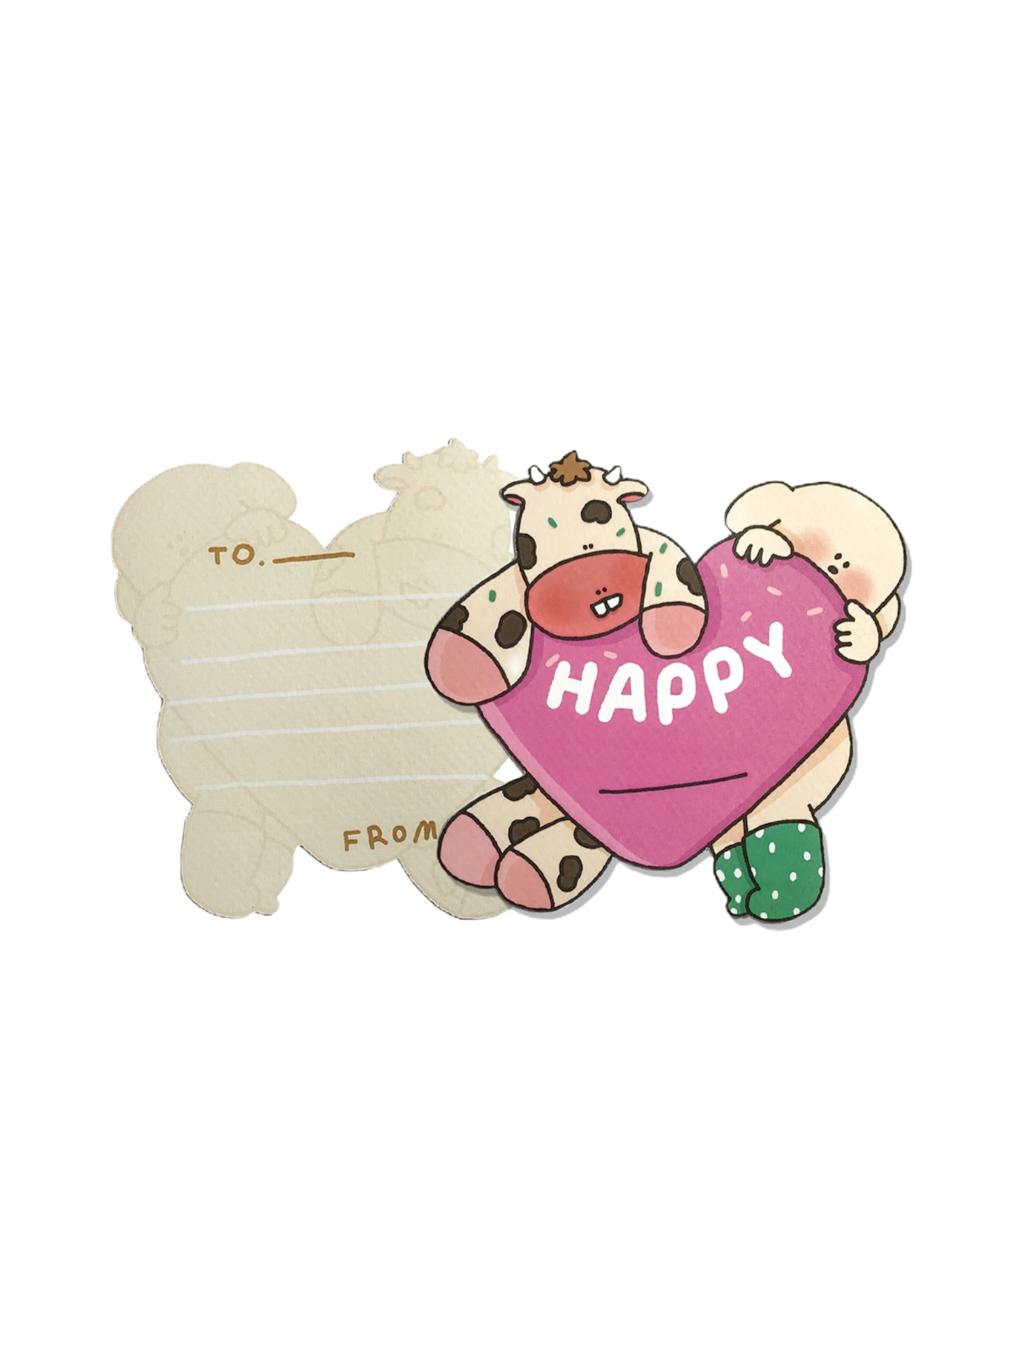 Die Cut Postcard - Happy Heart